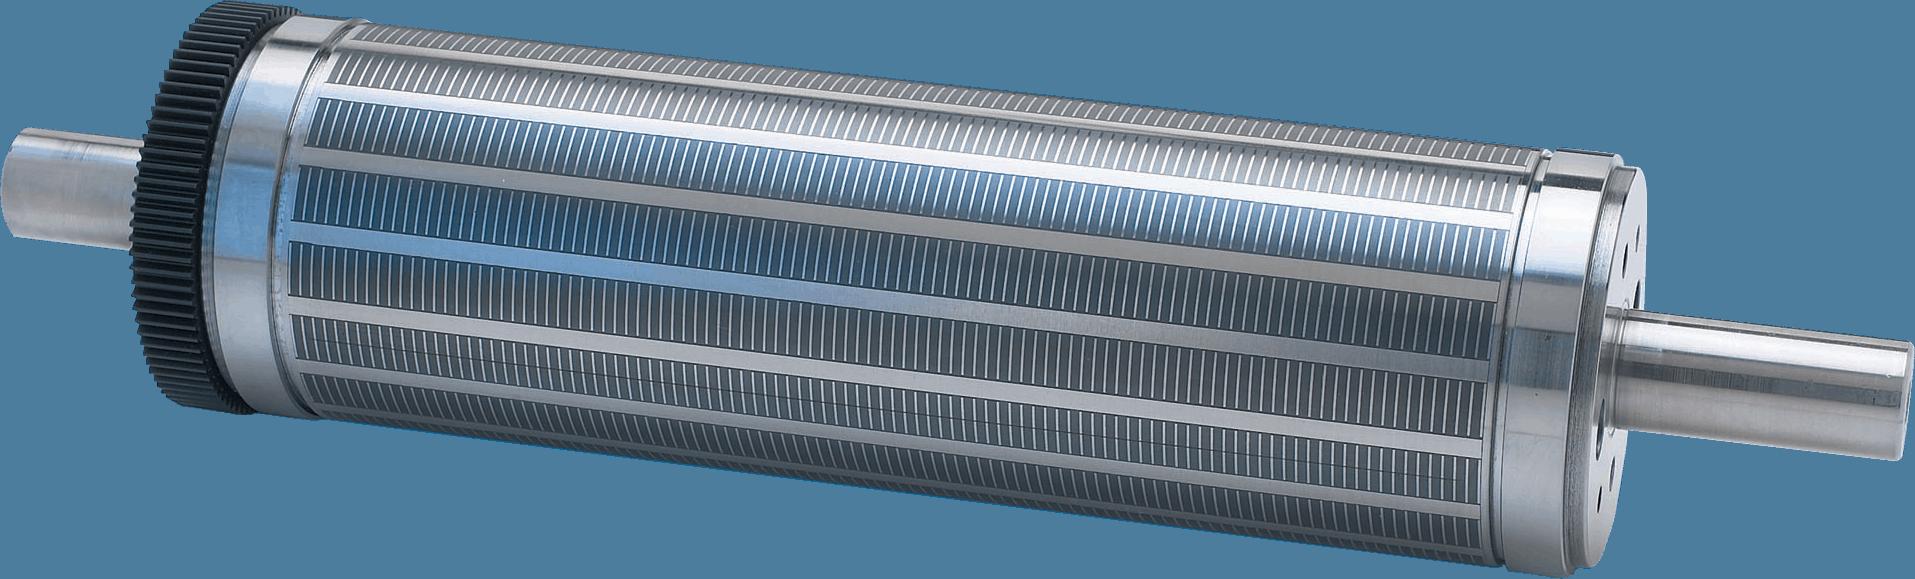 Rotometrics-magneticcylinders-AccuBase